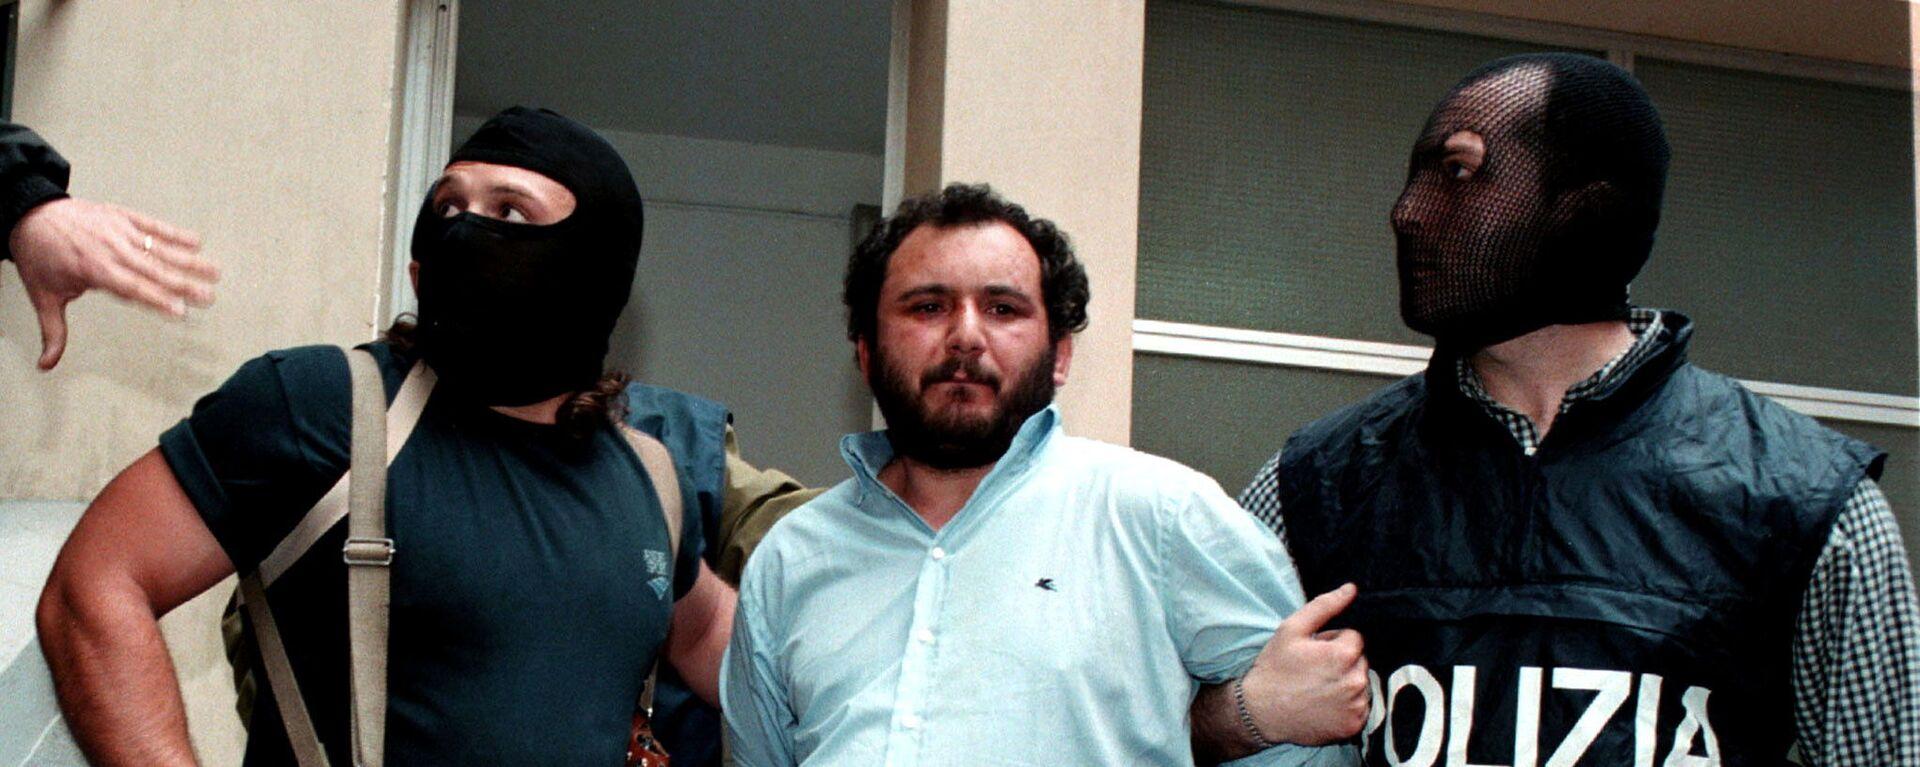 L'arresto di Giovanni Brusca - Sputnik Italia, 1920, 02.06.2021